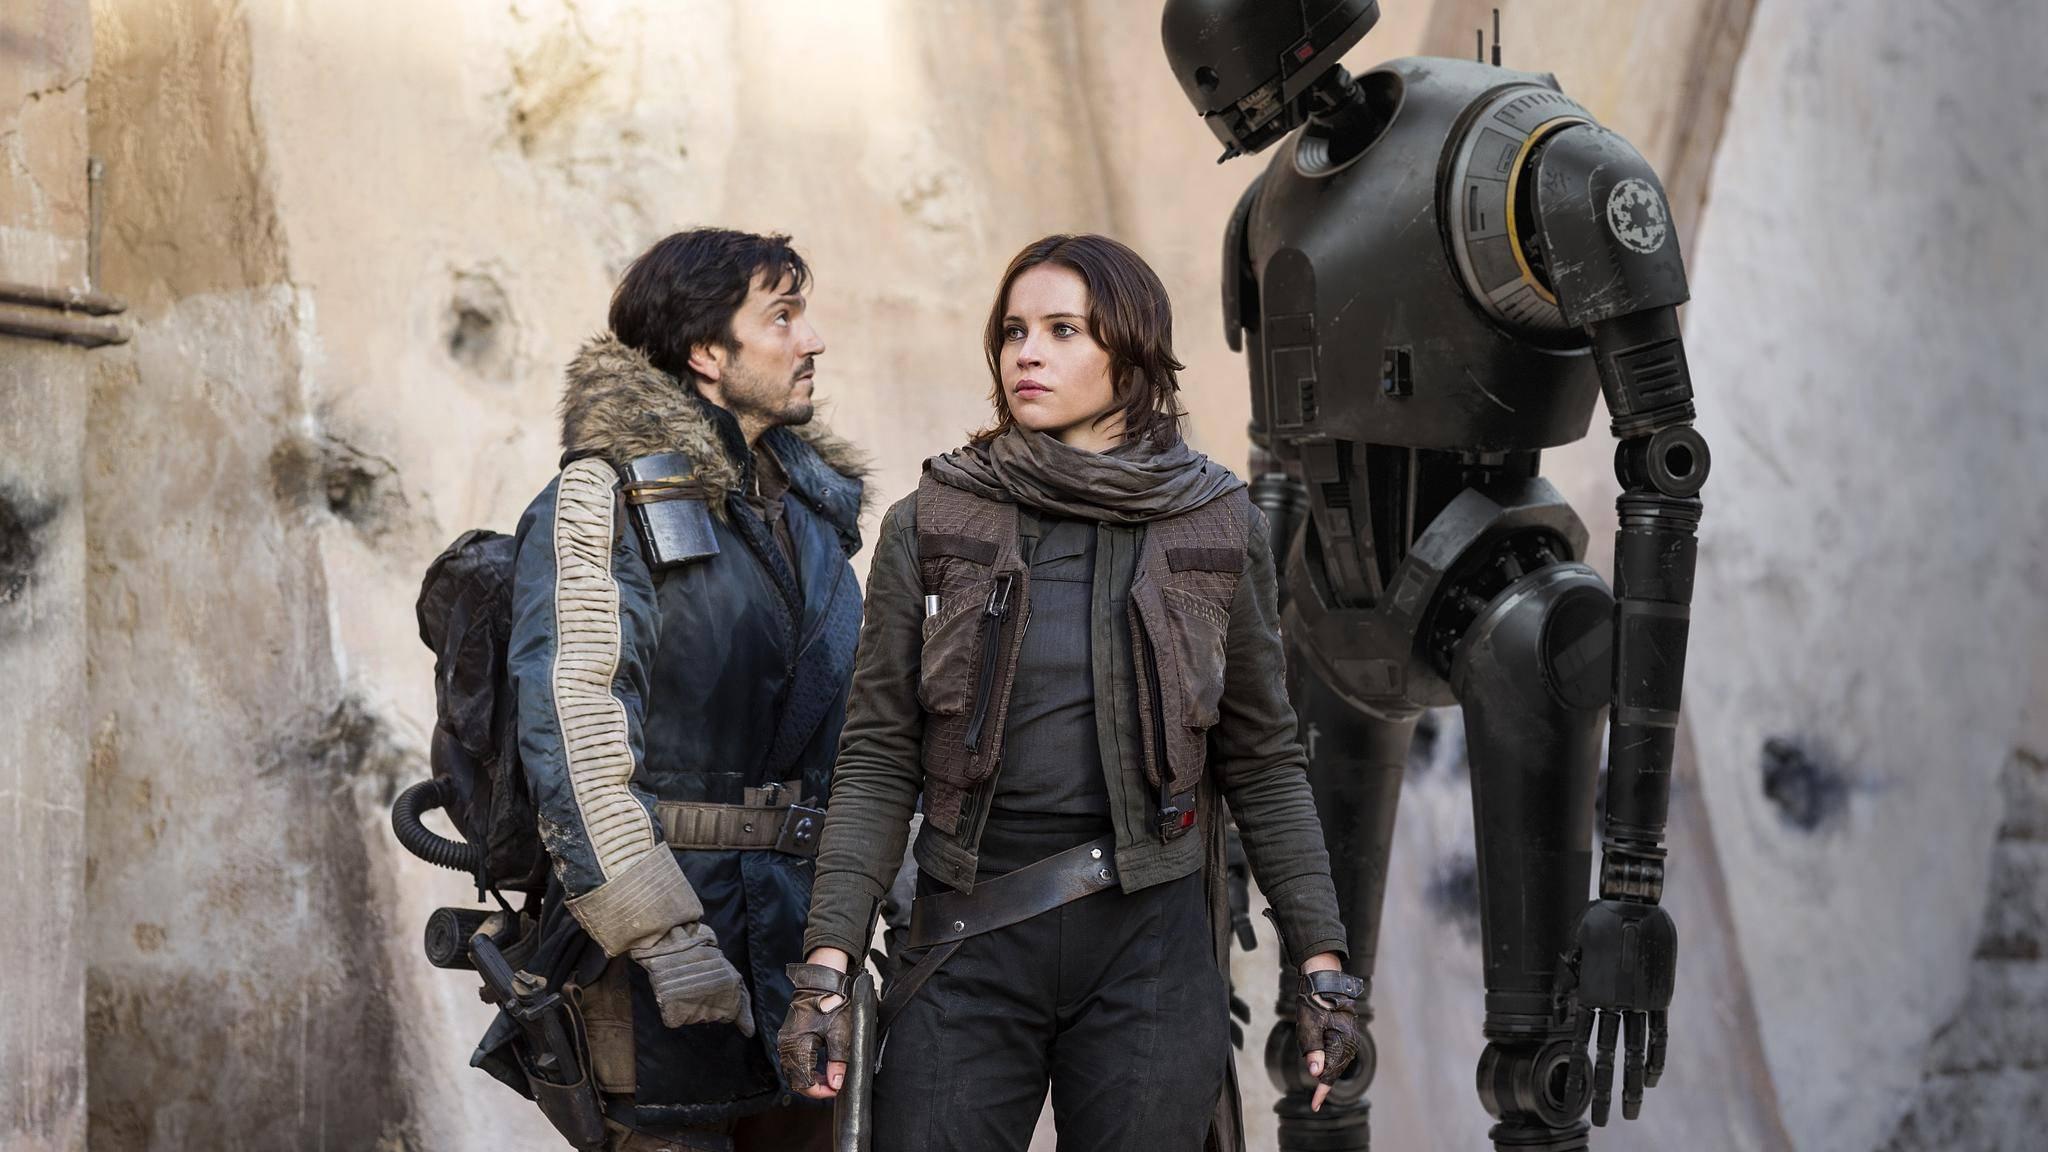 """Am 4. Mai erscheint """"Rogue One: A Star Wars Story"""" auf Blu-ray (3D) und DVD."""